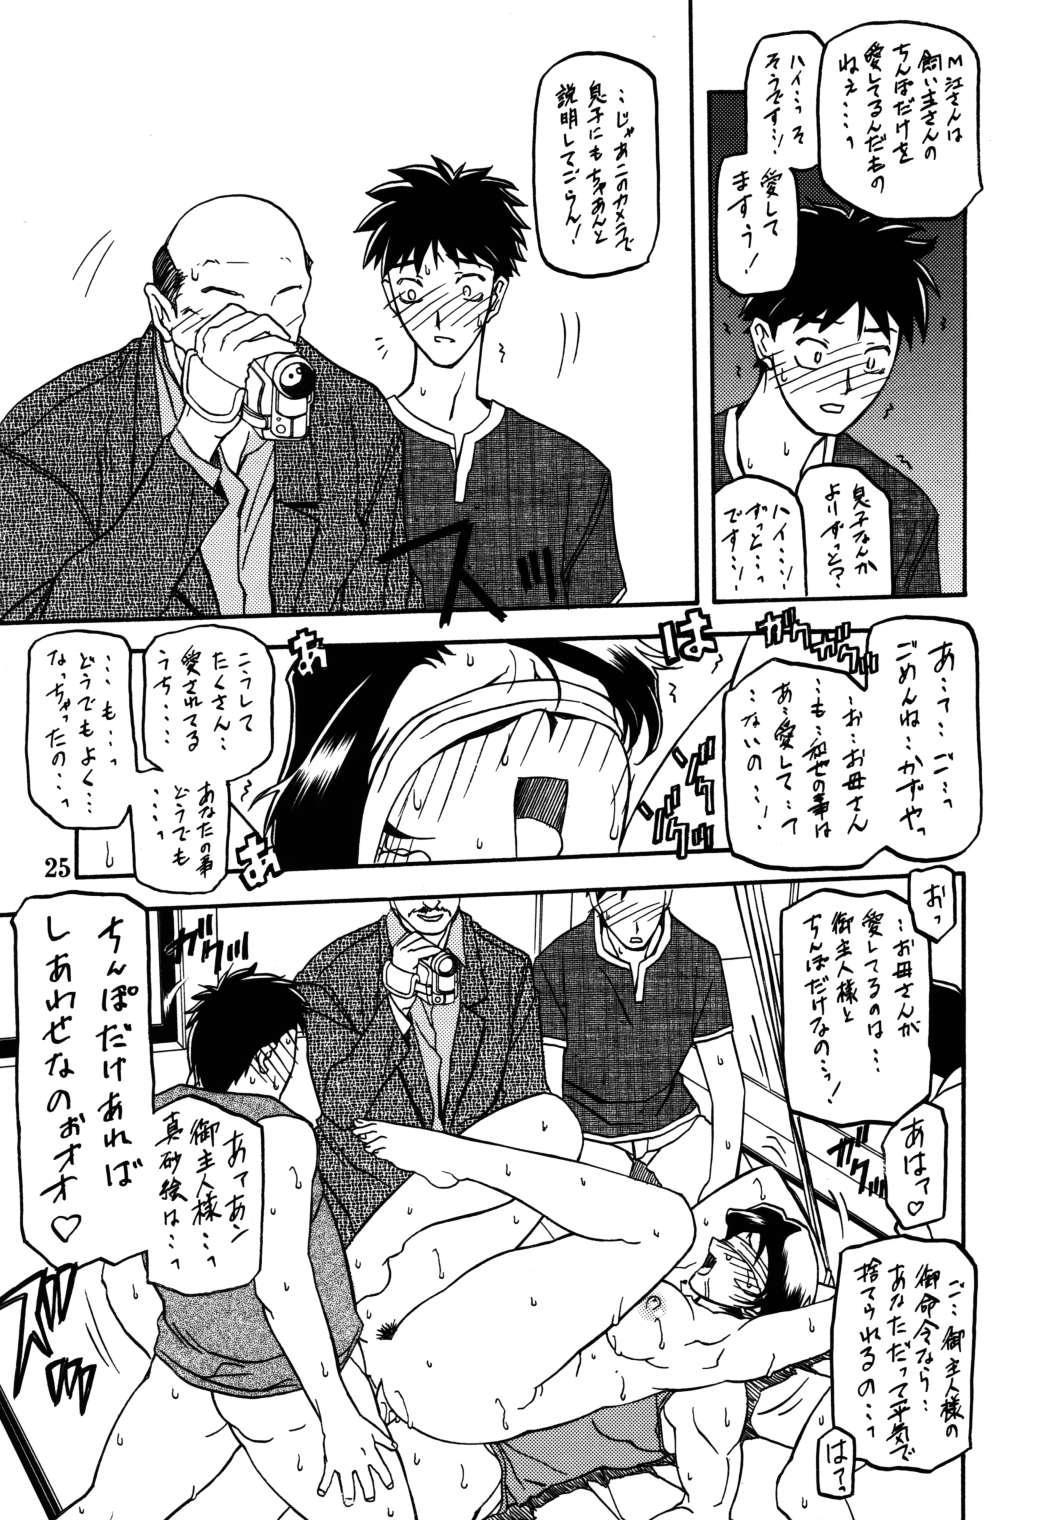 Akebi no Mi - Masae 23